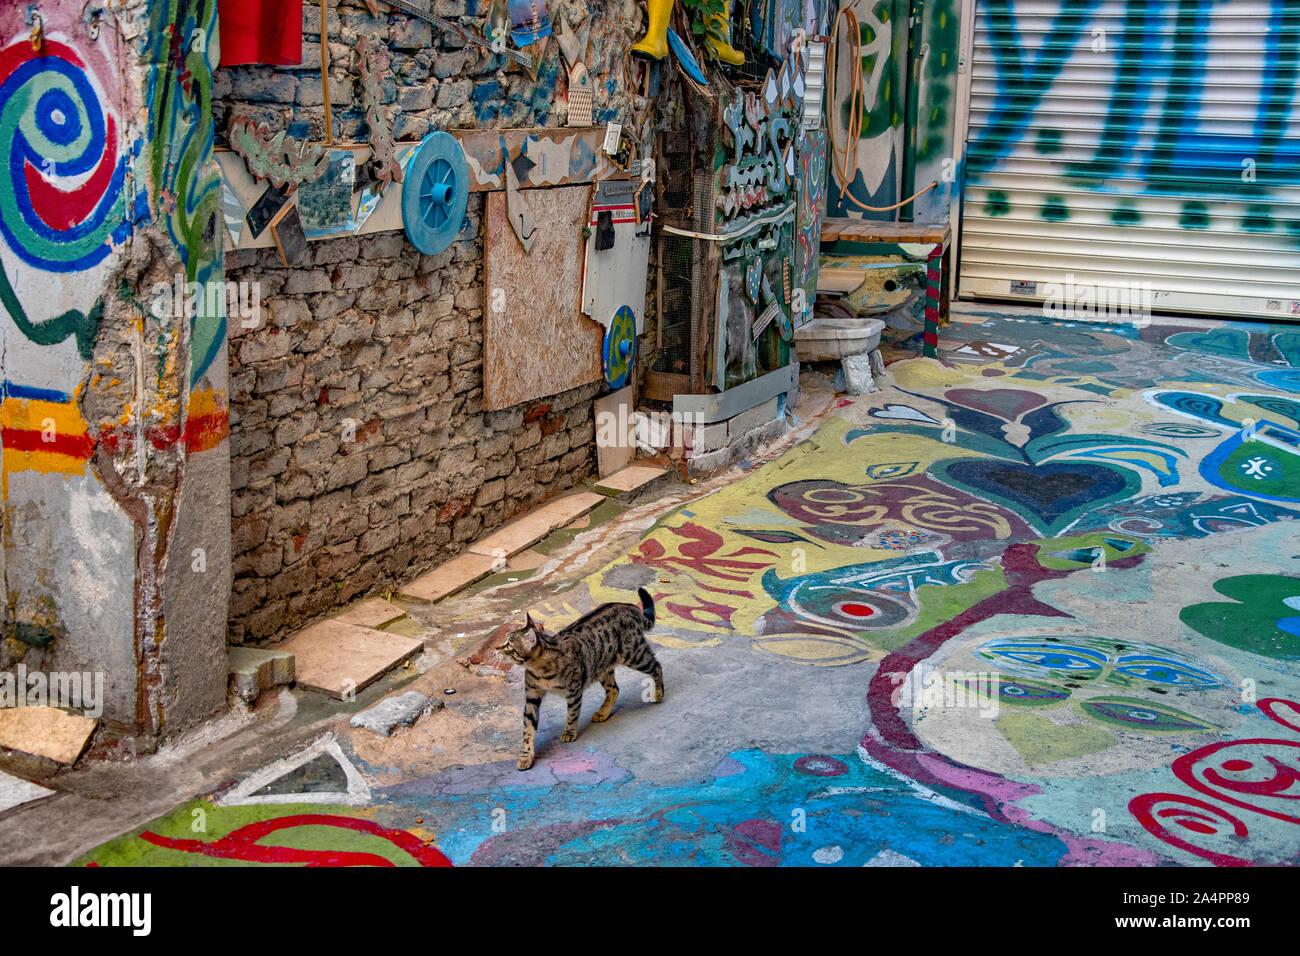 Street cat walking in an Istanbul alleyway (Yaprak Çk. Emekyemez ). Alley decorated in street art. Stock Photo